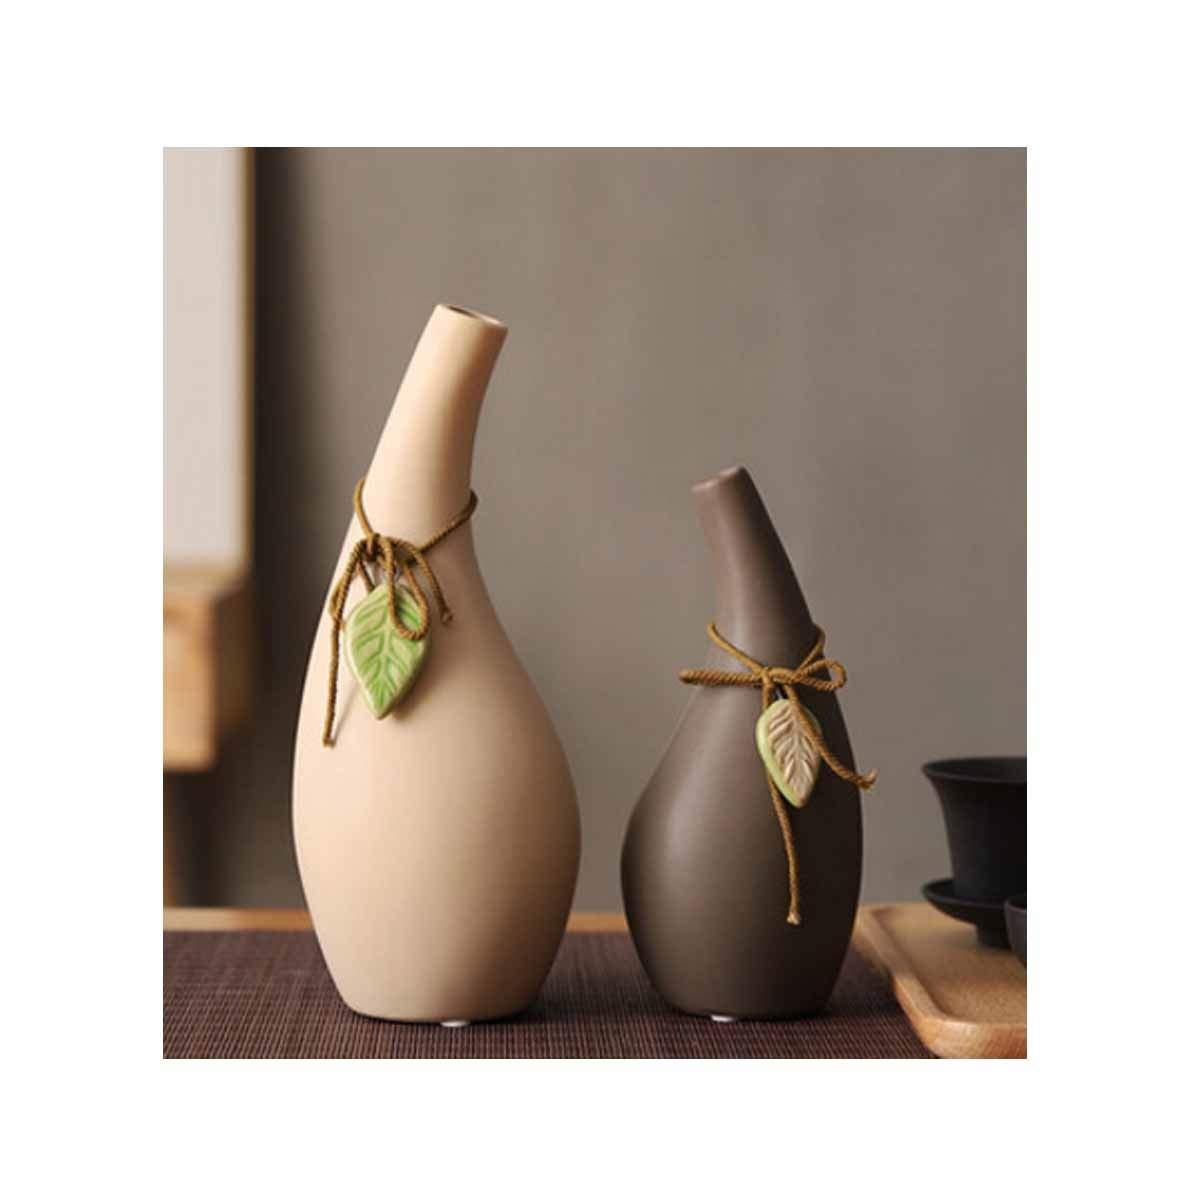 花瓶、禅セラミック花瓶、造花デスクトップ装飾ファッションクラシックスタイル、カーキプラスグレー (Color : Gray 1) B07RRX75W9 Gray 1